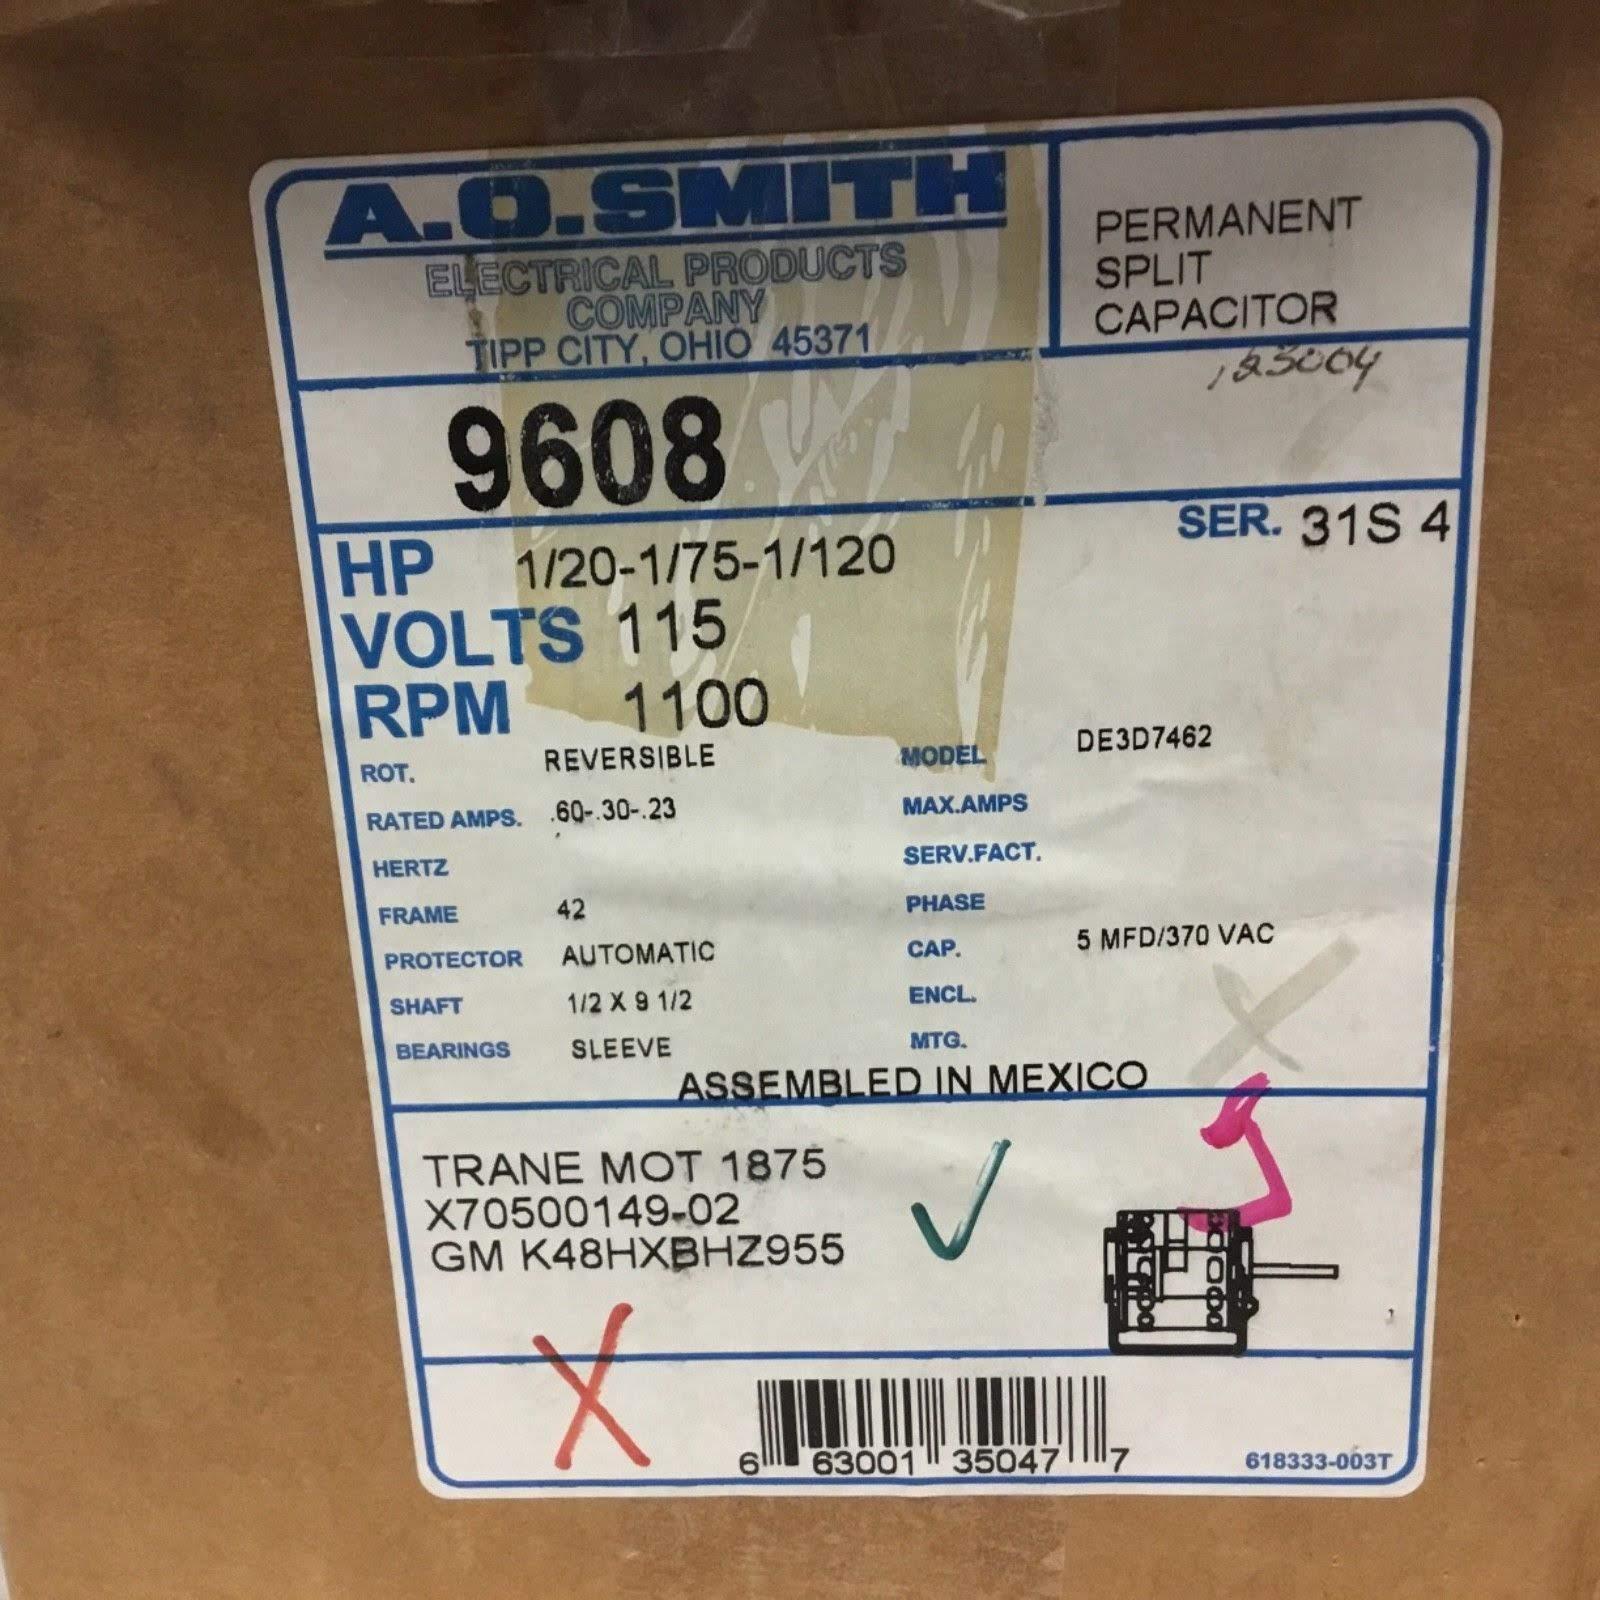 Lot 10 - (1) *NEW* AO SMITH 117 MOTOR HP1/3 VOLTS208-230 RPM825/1SPD *NEW*; (1) *NEW* AO Smith 9608 Motor 1/